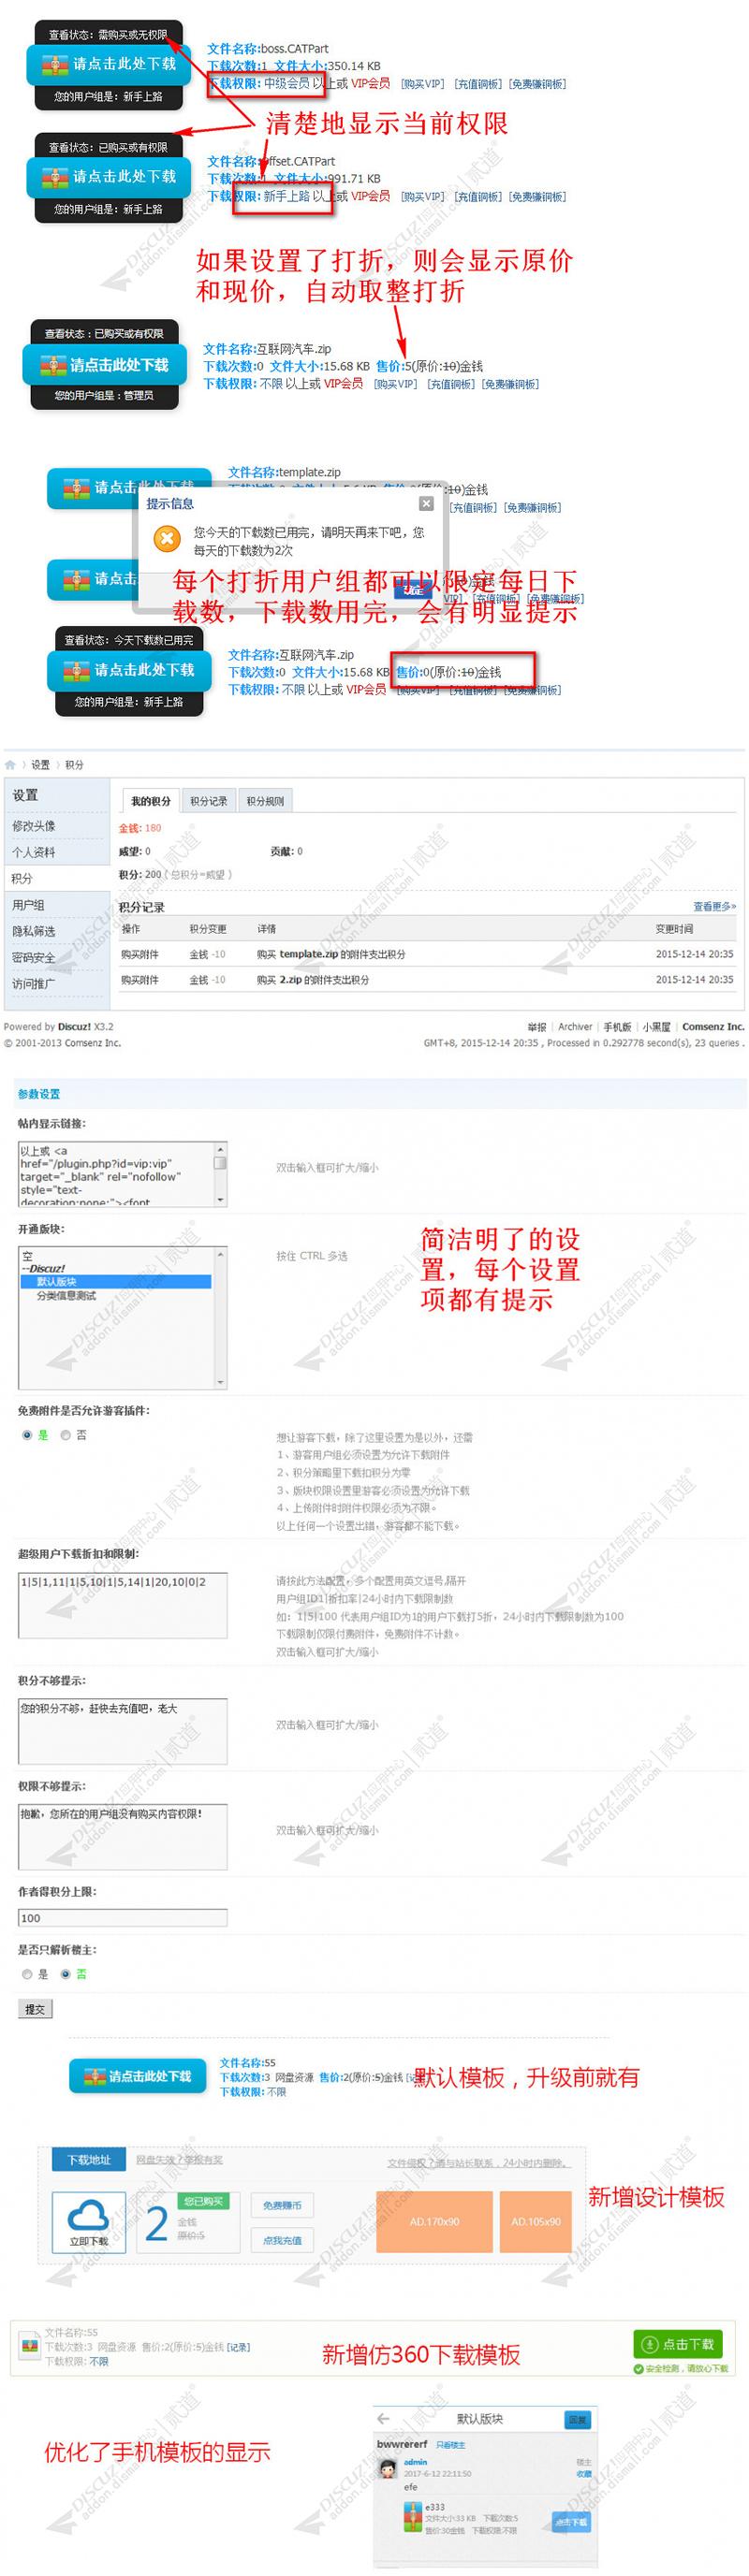 【DZ插件】附件打折和下载限制V8.3独家优化手机版DZ插件-爱资源分享